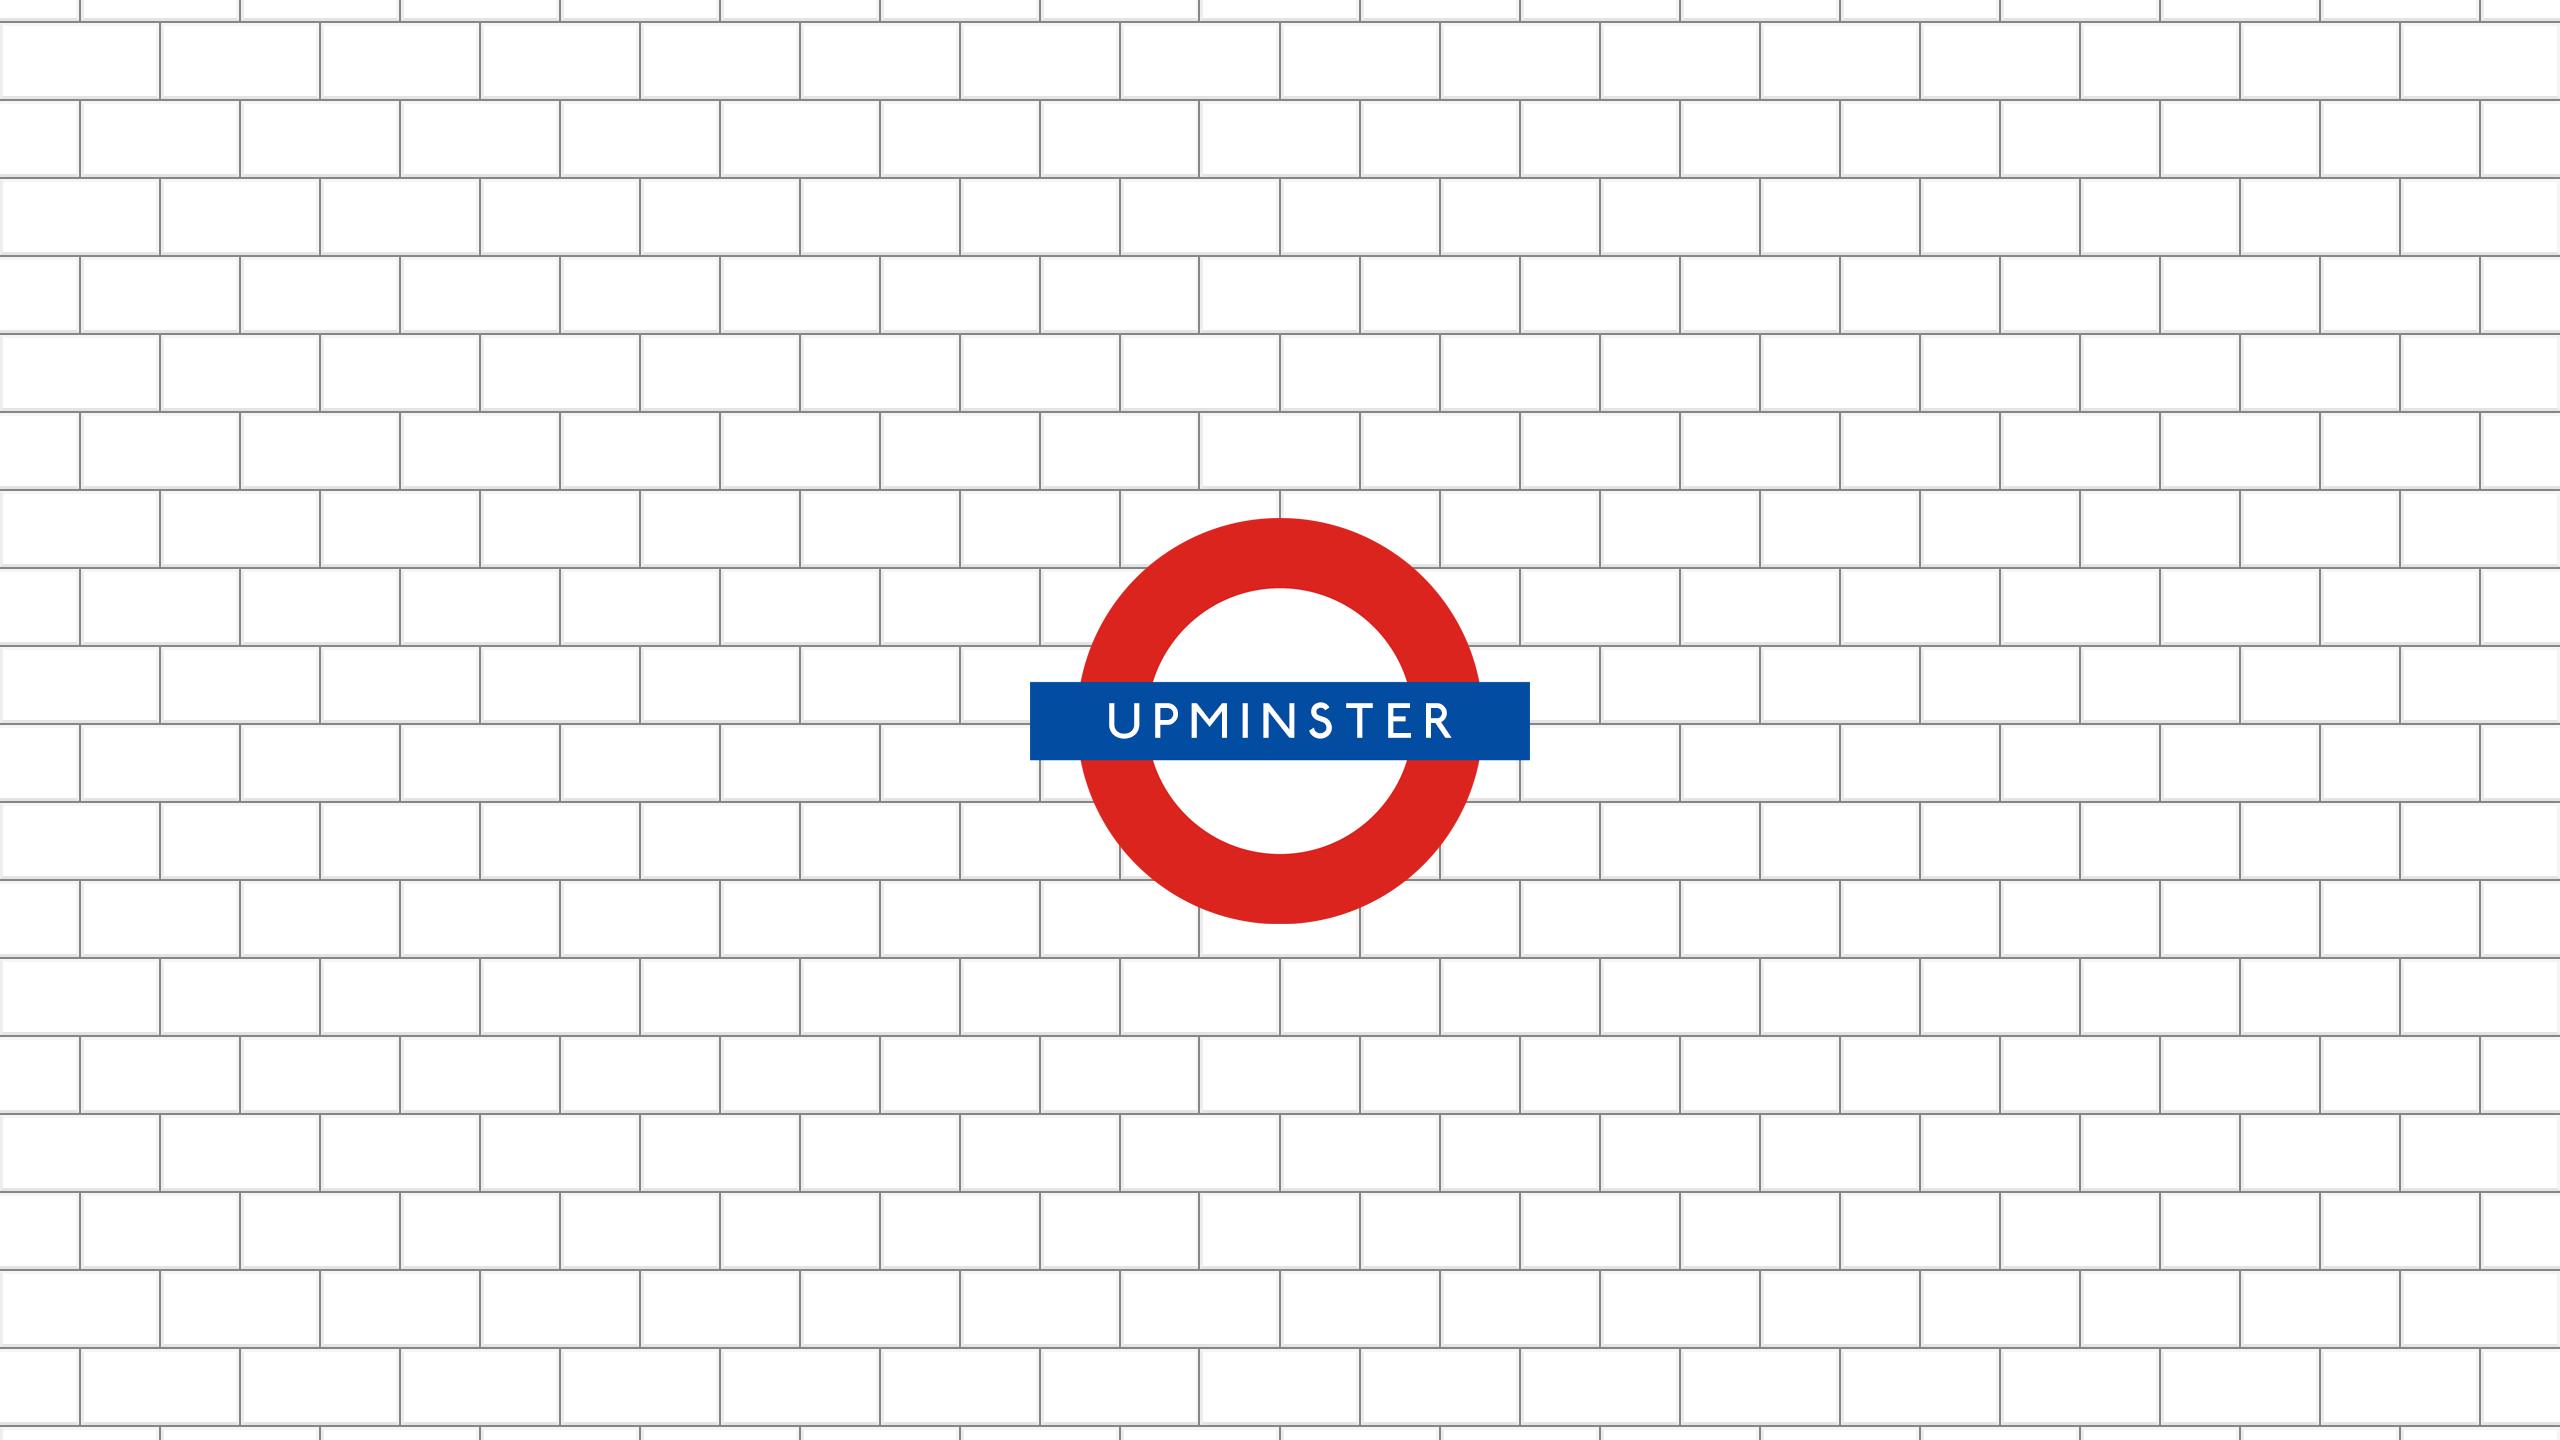 Upminster